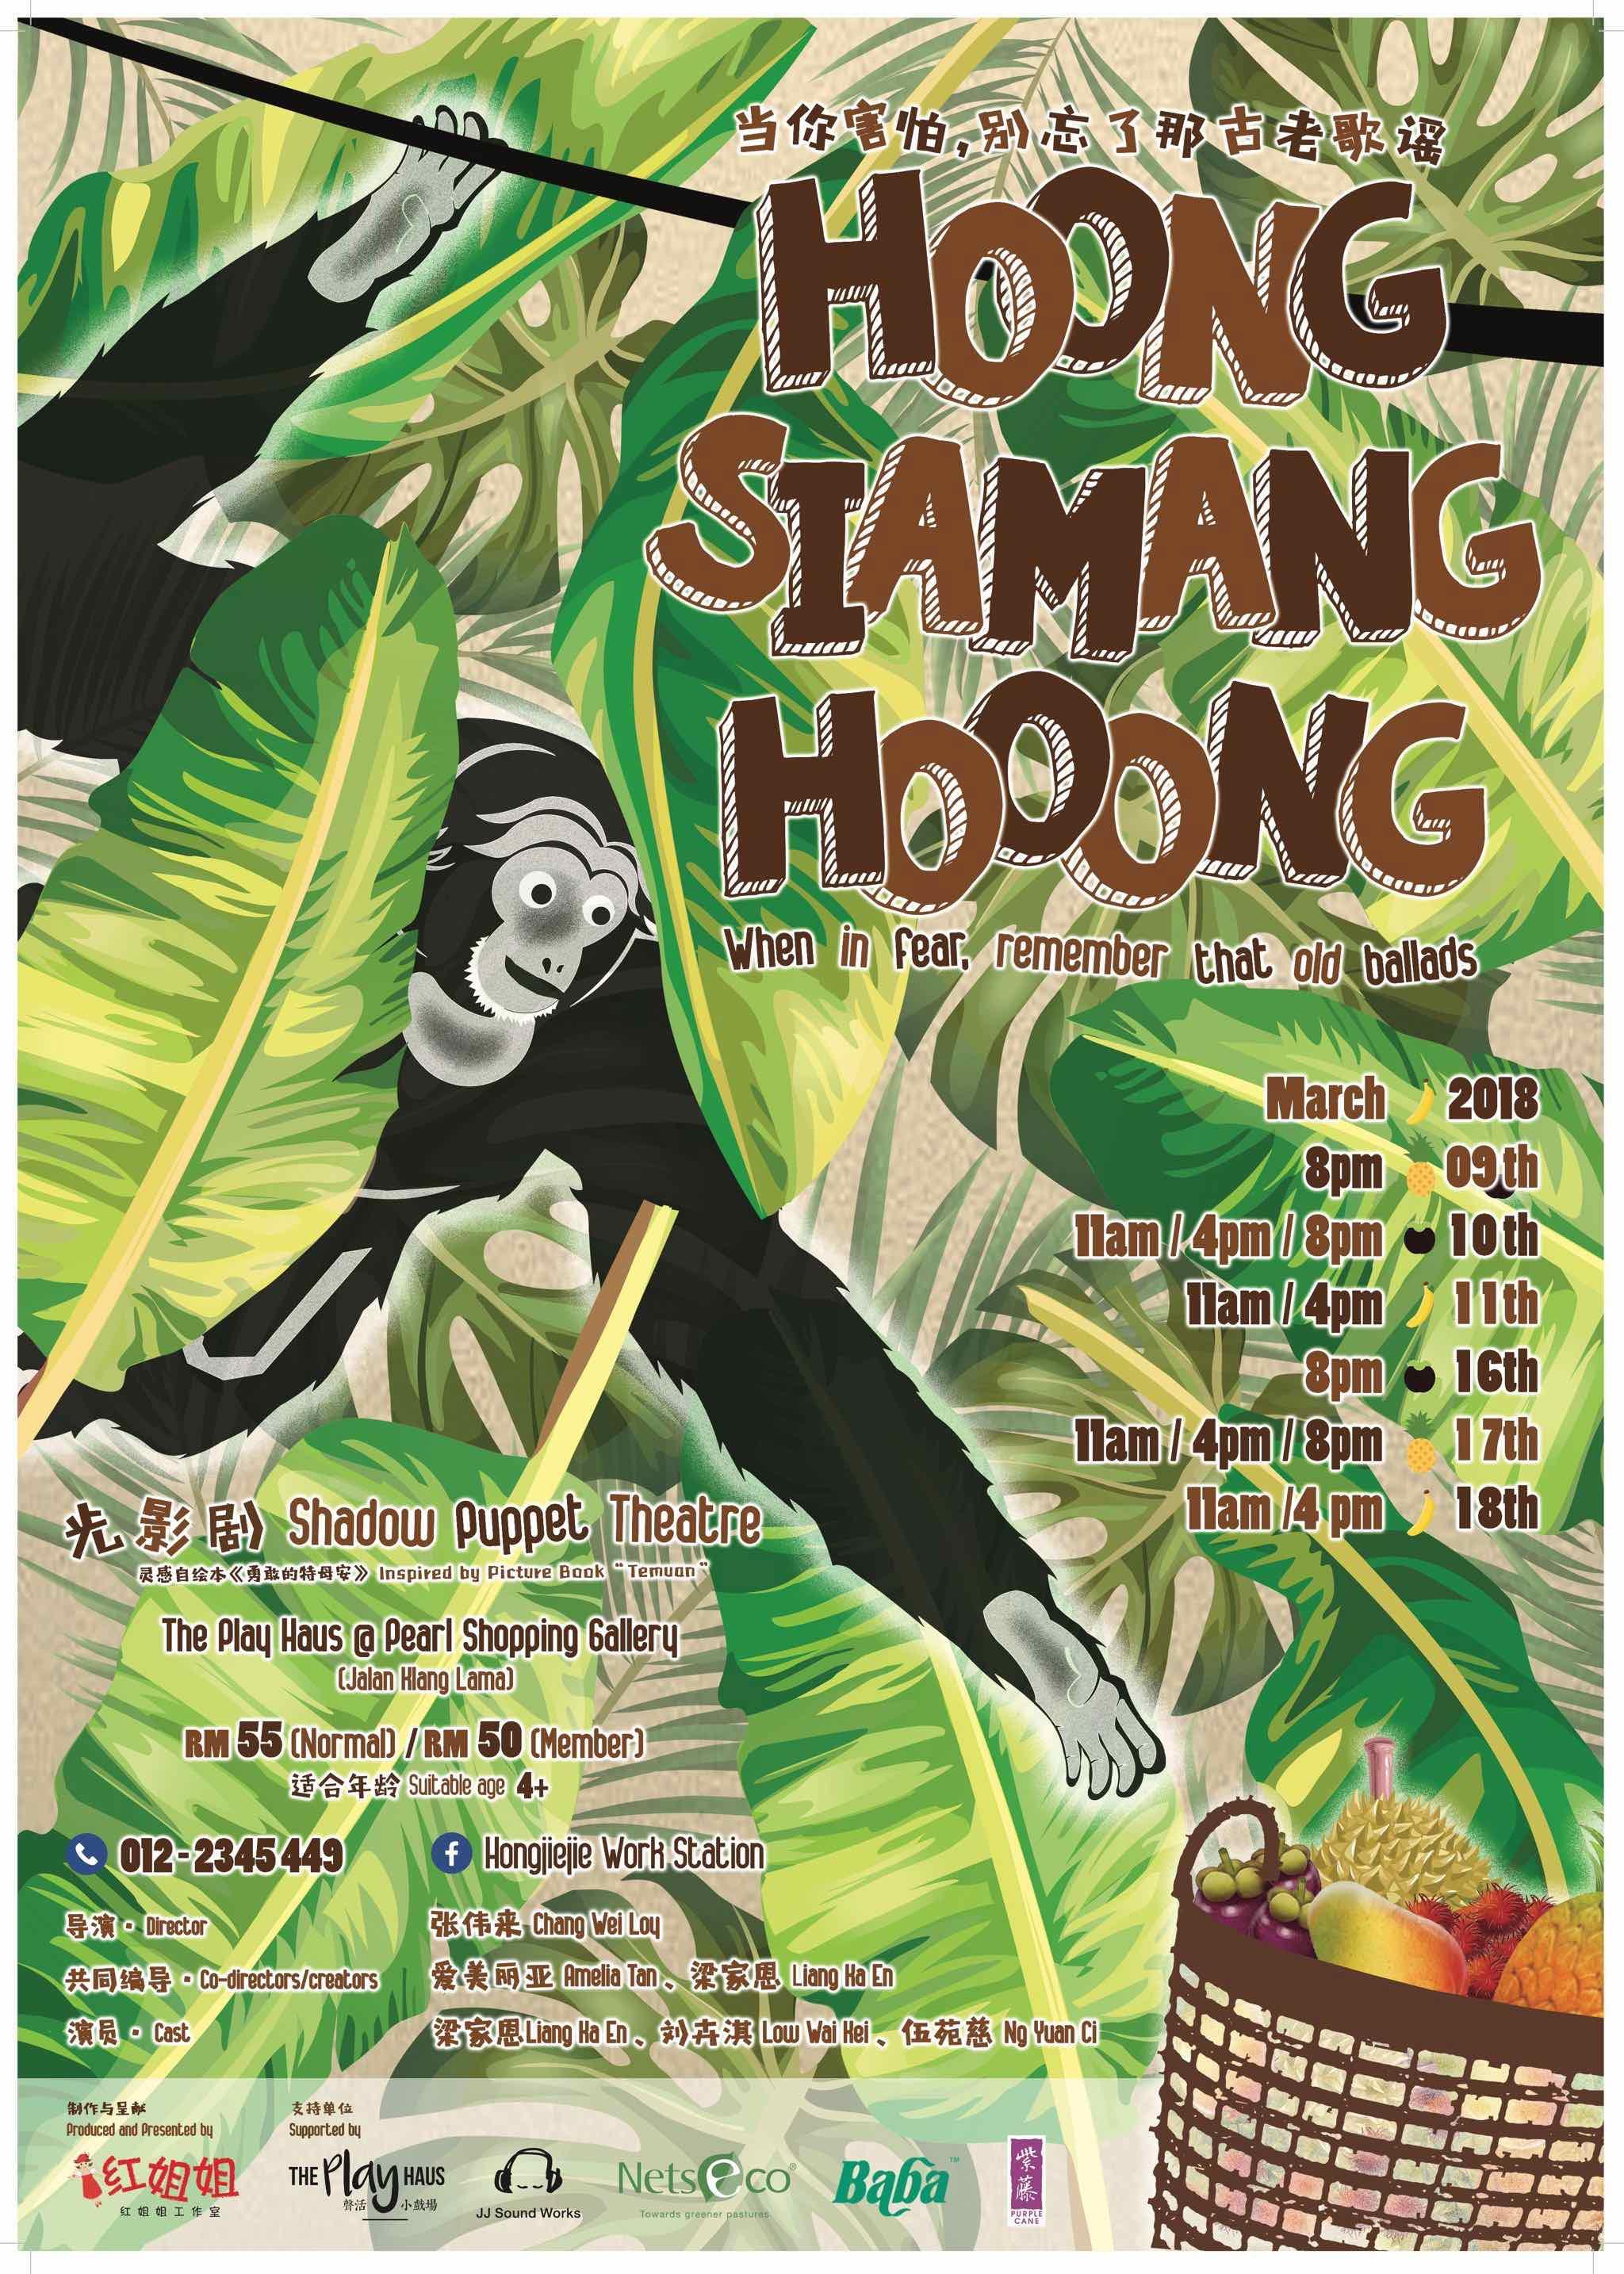 2018 Hoong Siamang Hooong Poster